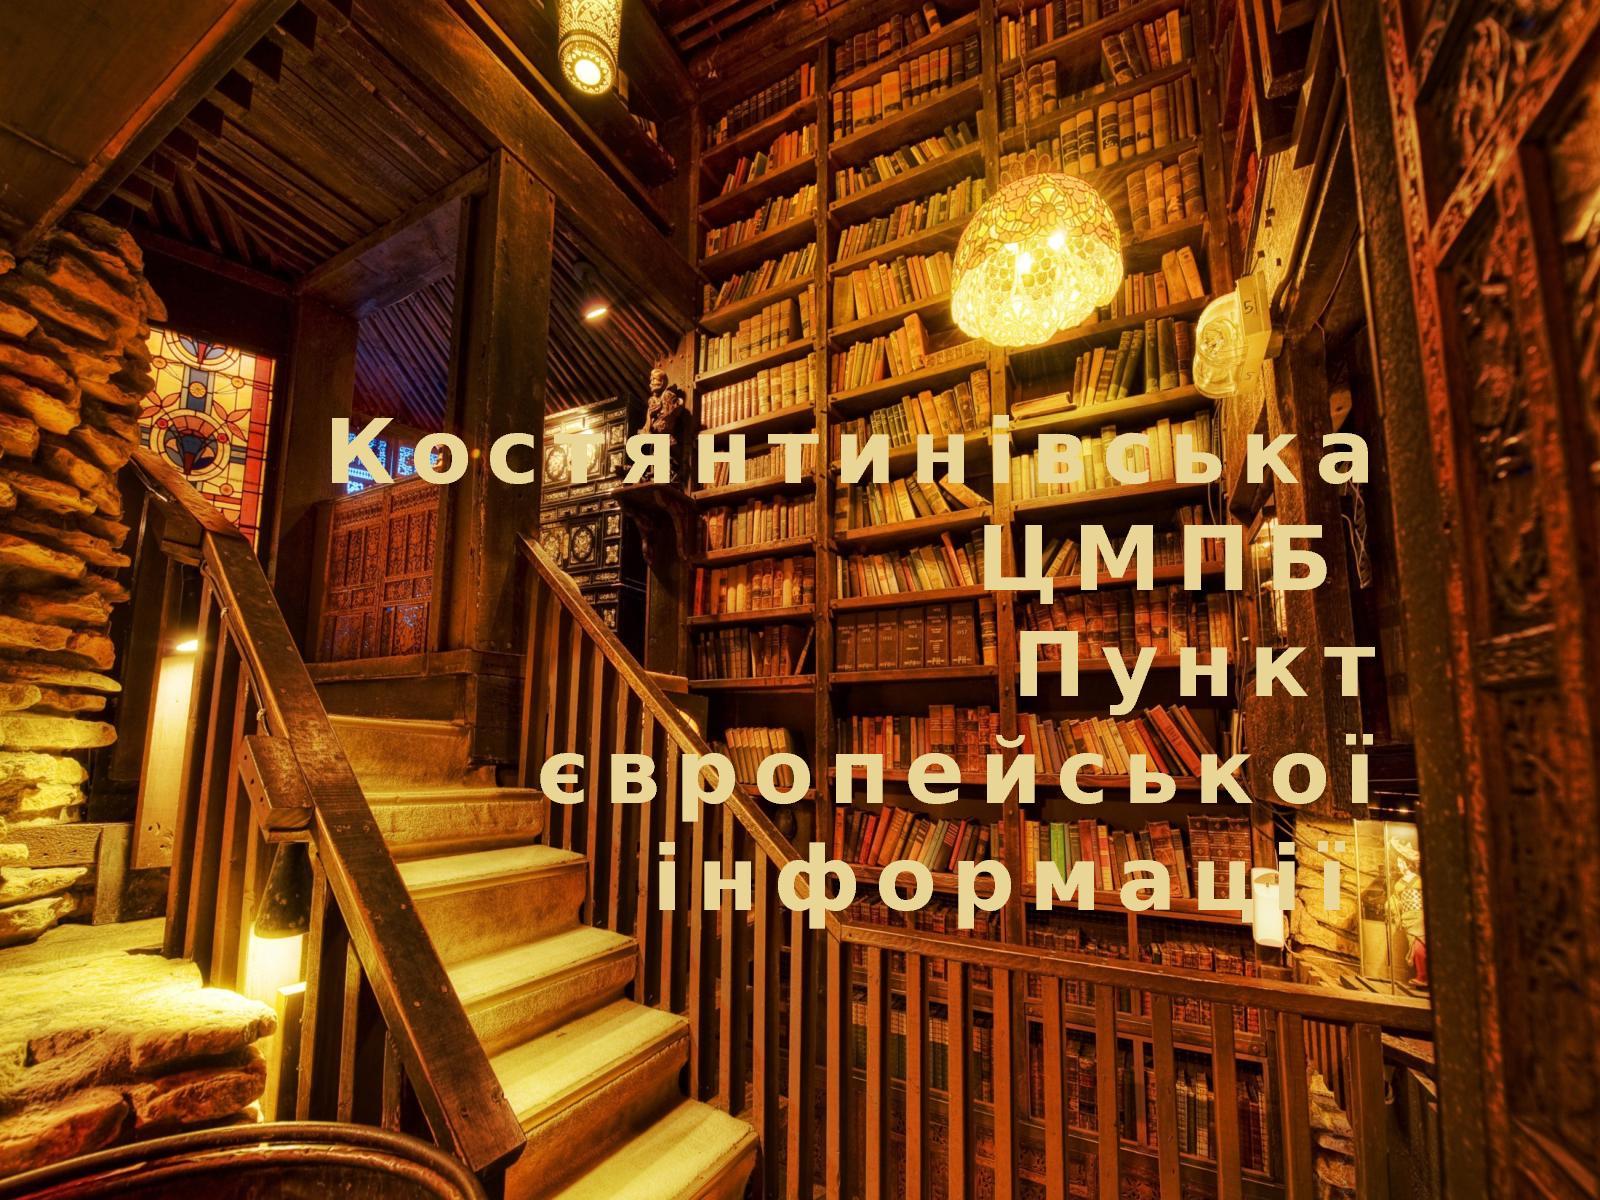 Євровіз «Незвичайні бібліотеки європейського світу»